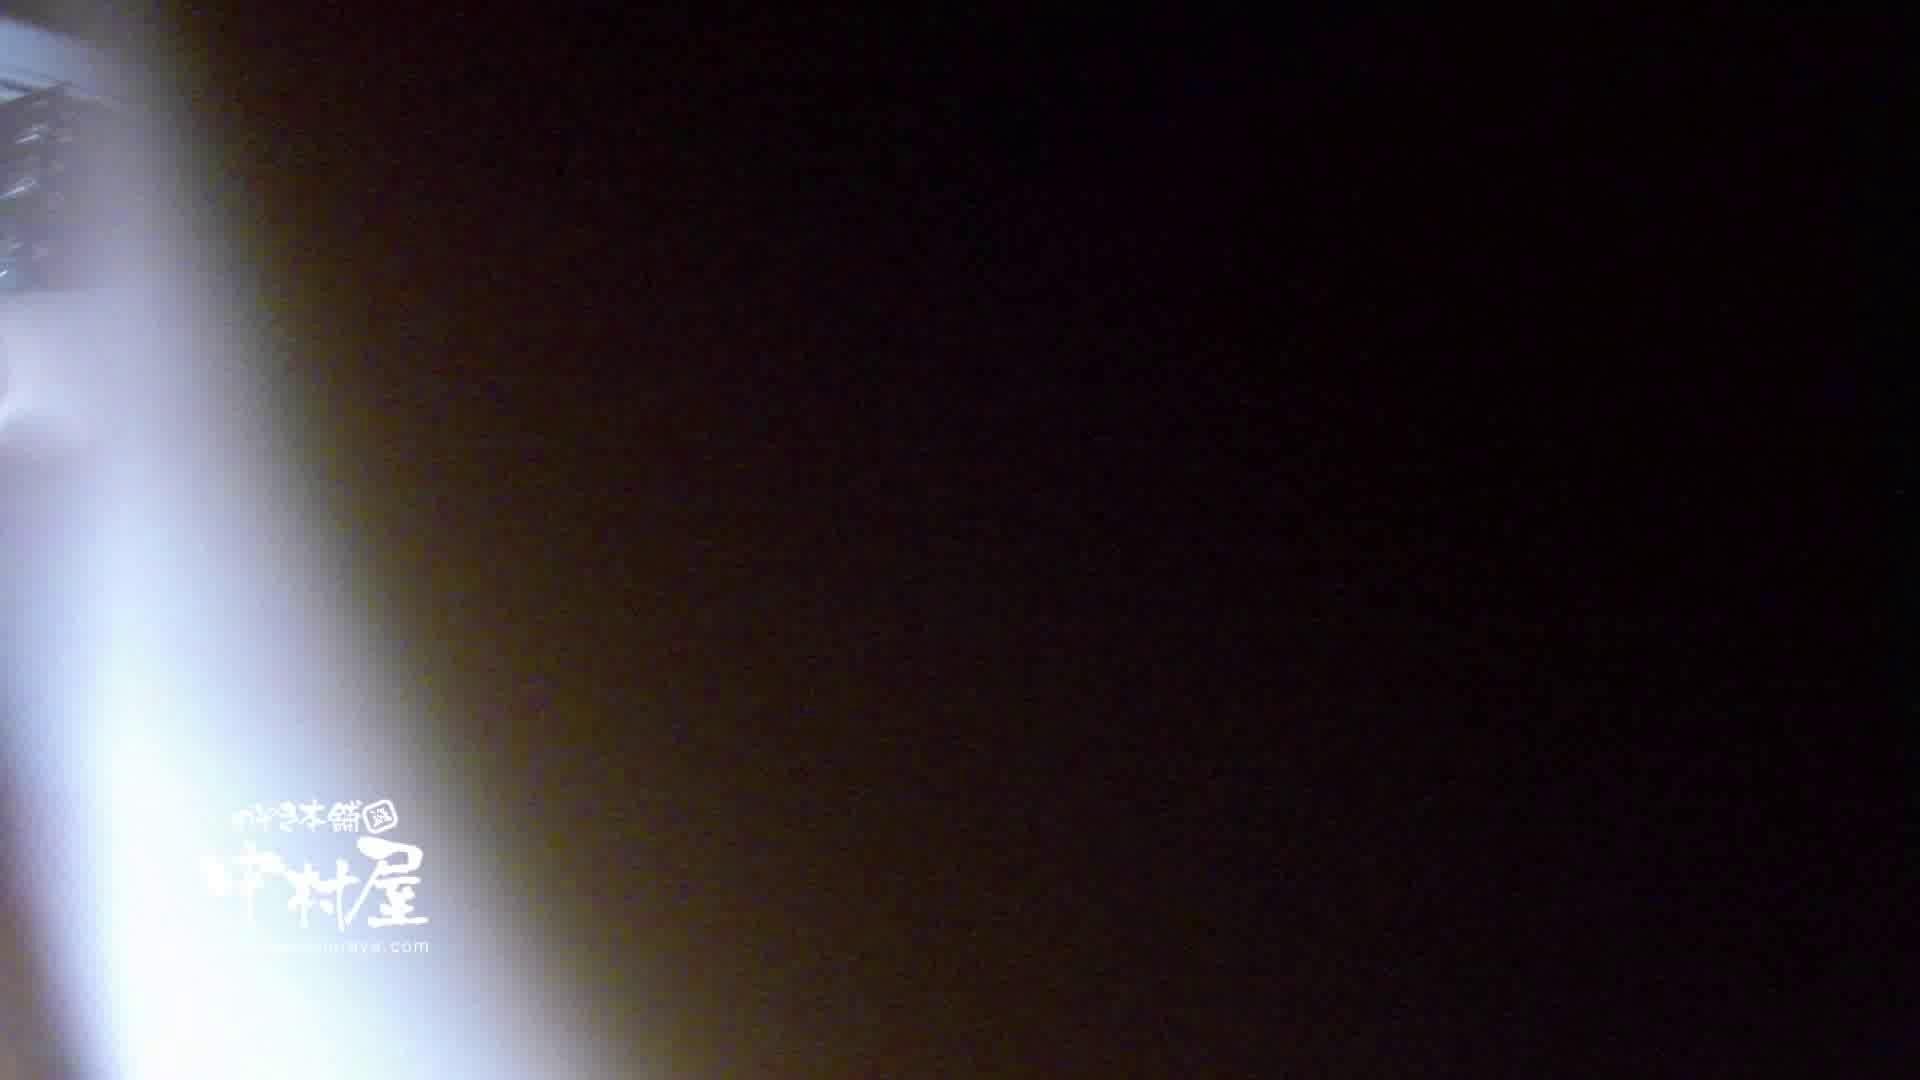 鬼畜 vol.14 小生意気なおなごにはペナルティー 前編 鬼畜 | 綺麗なOLたち  74枚 67